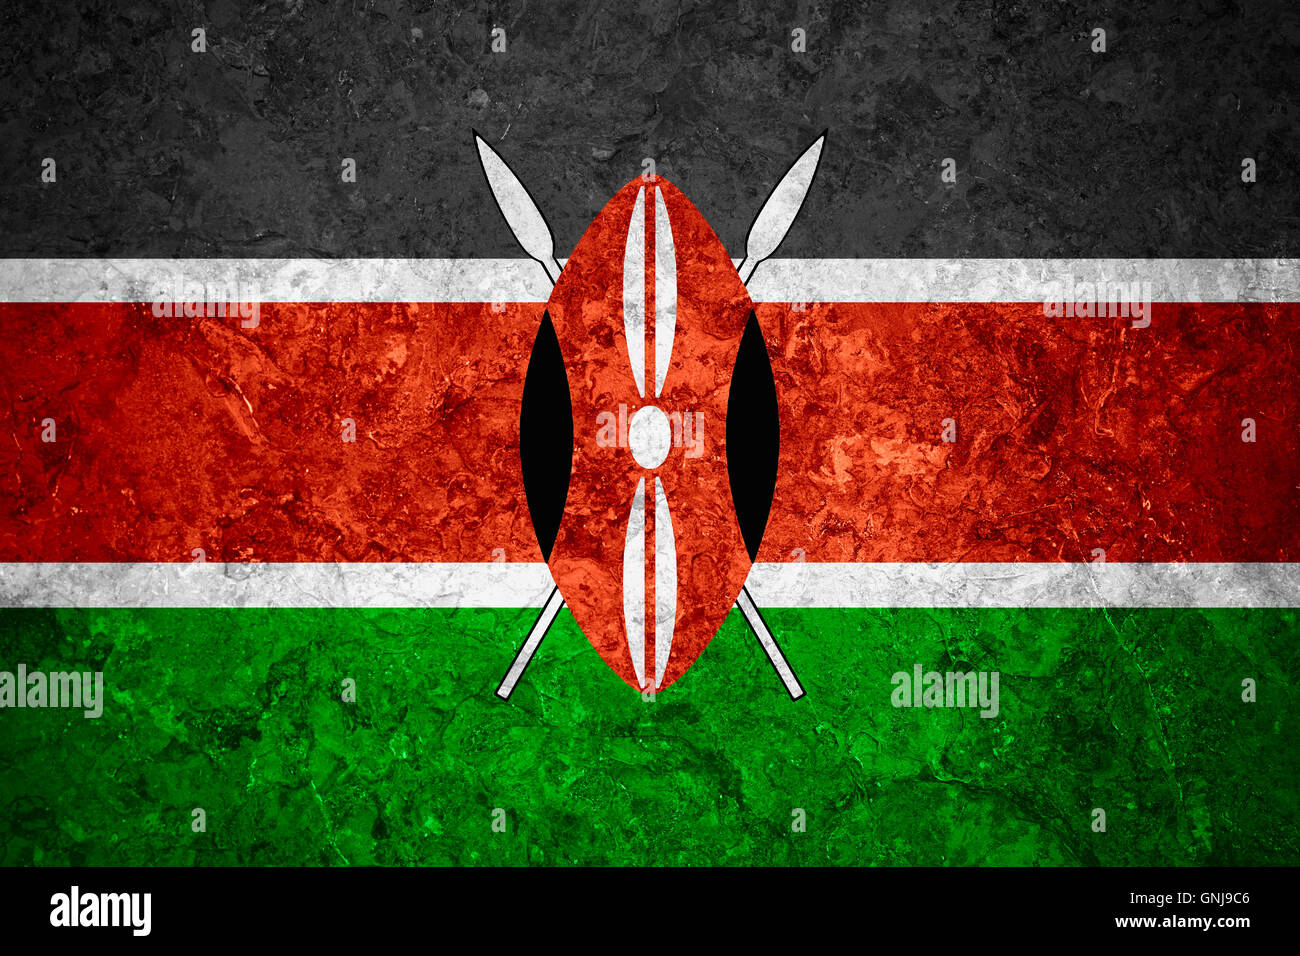 flag of Kenya or Kenyan banner on vintage background Stock Photo